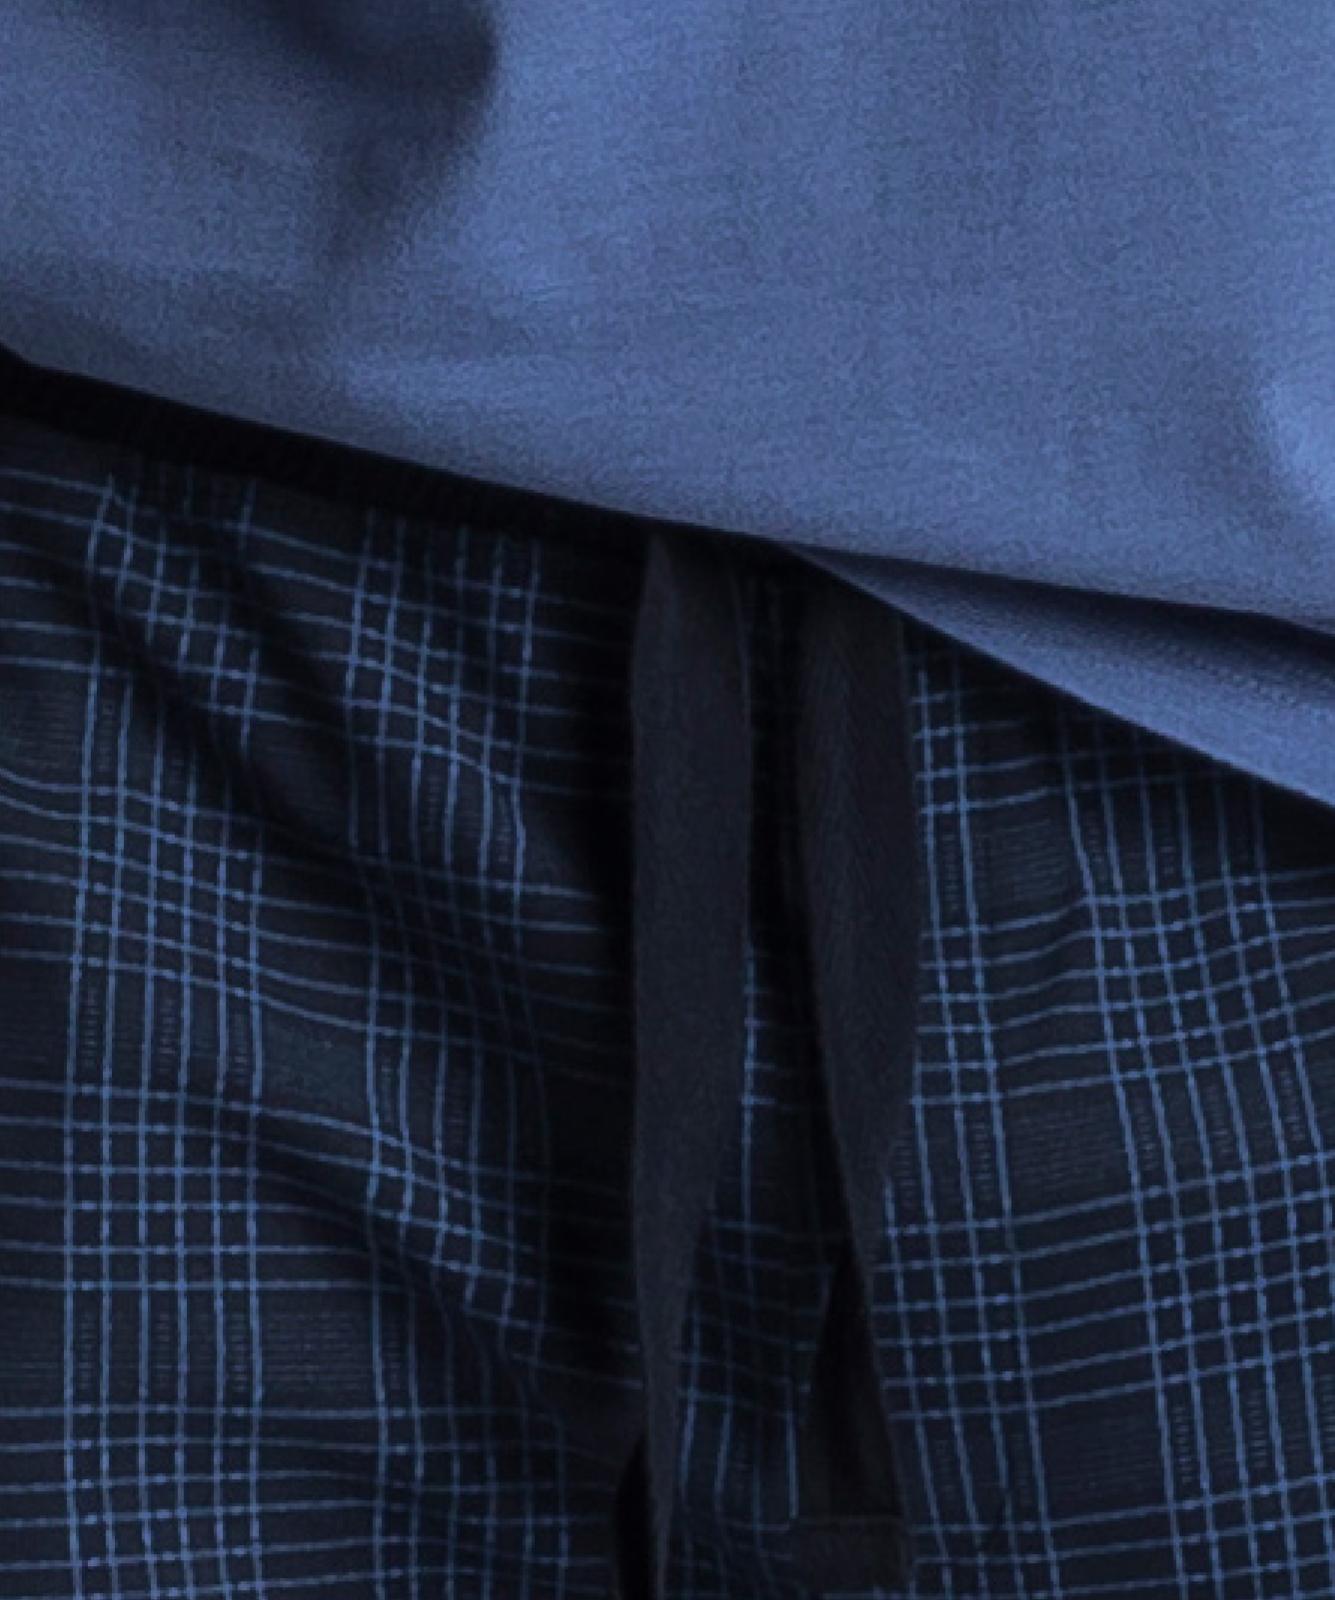 Мужская пижама Atlantic, 1 шт. в уп., хлопок, светло-голубая, NMP-349